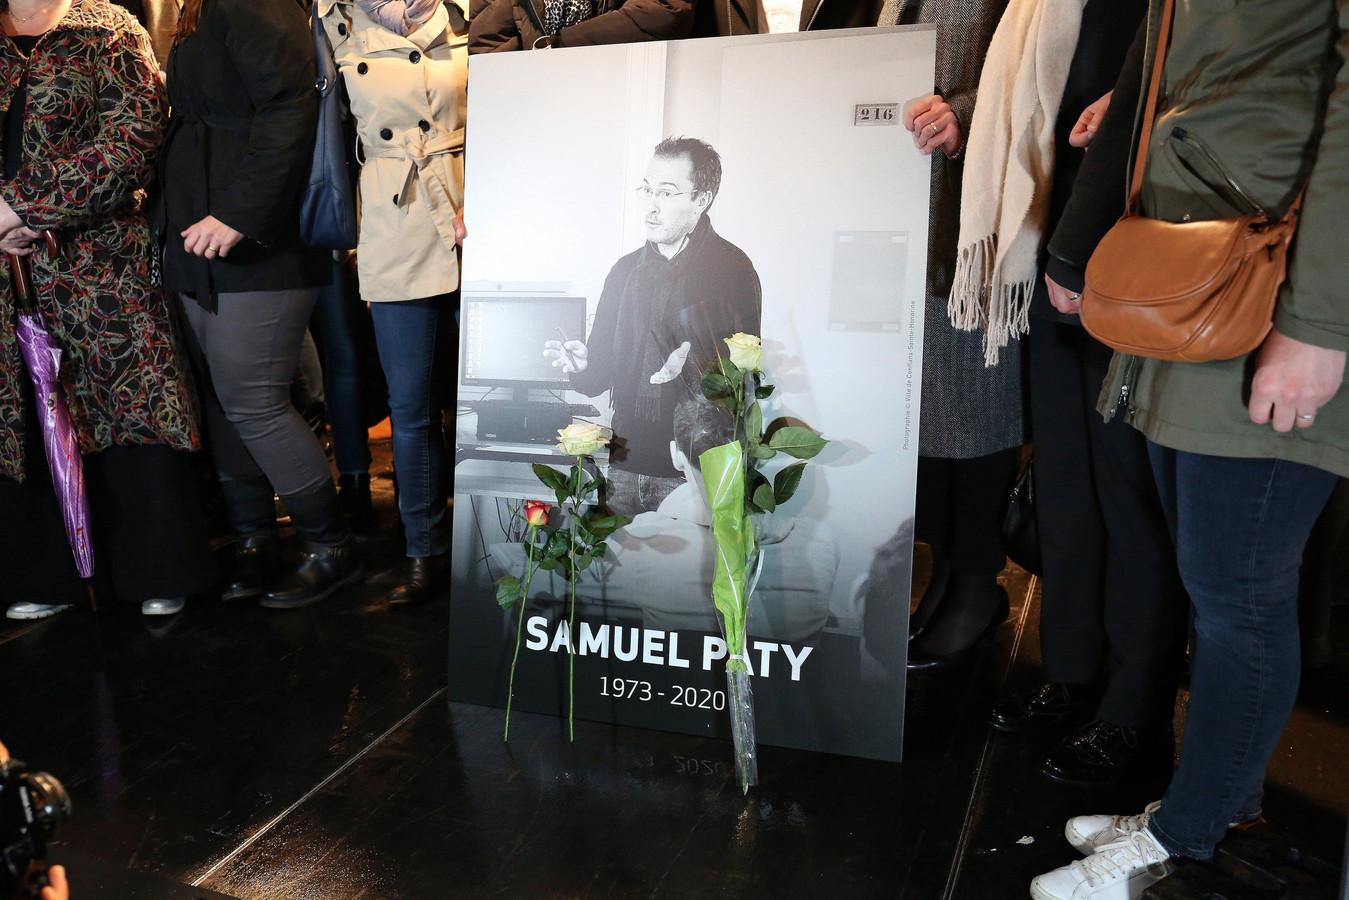 Samuel Paty, le professeur assassiné près de son collège en région parisienne